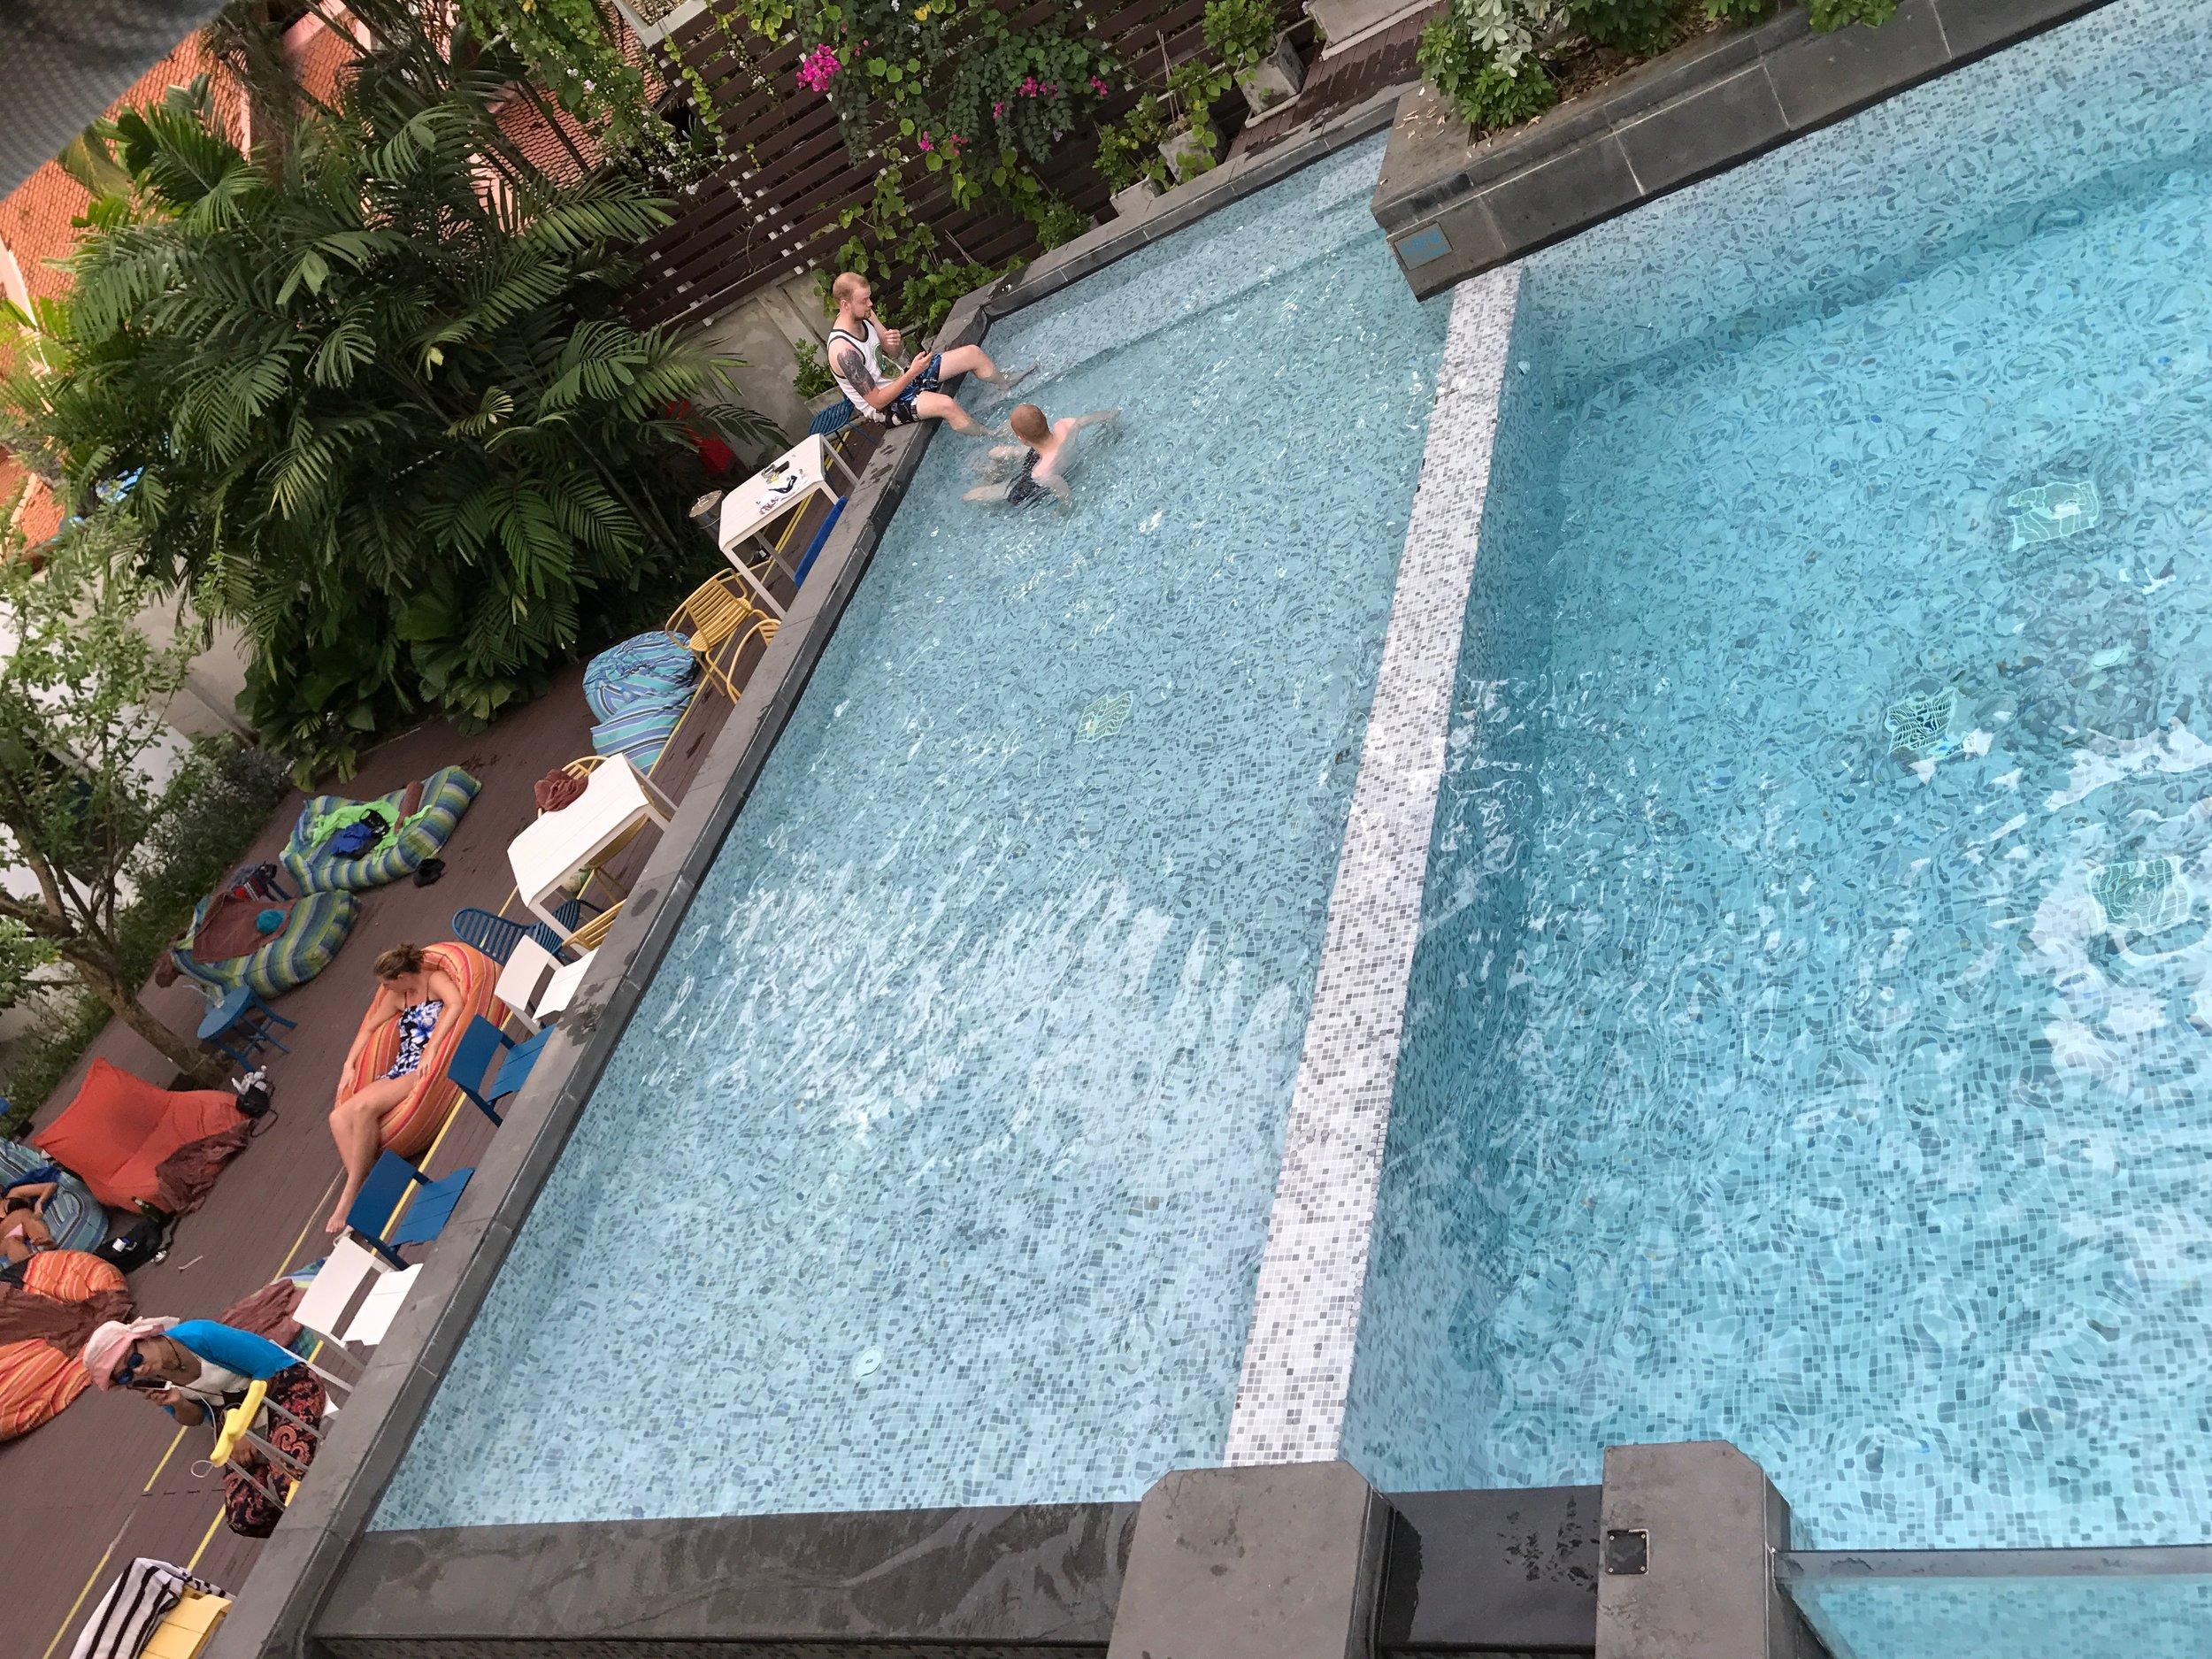 hostel life.JPG